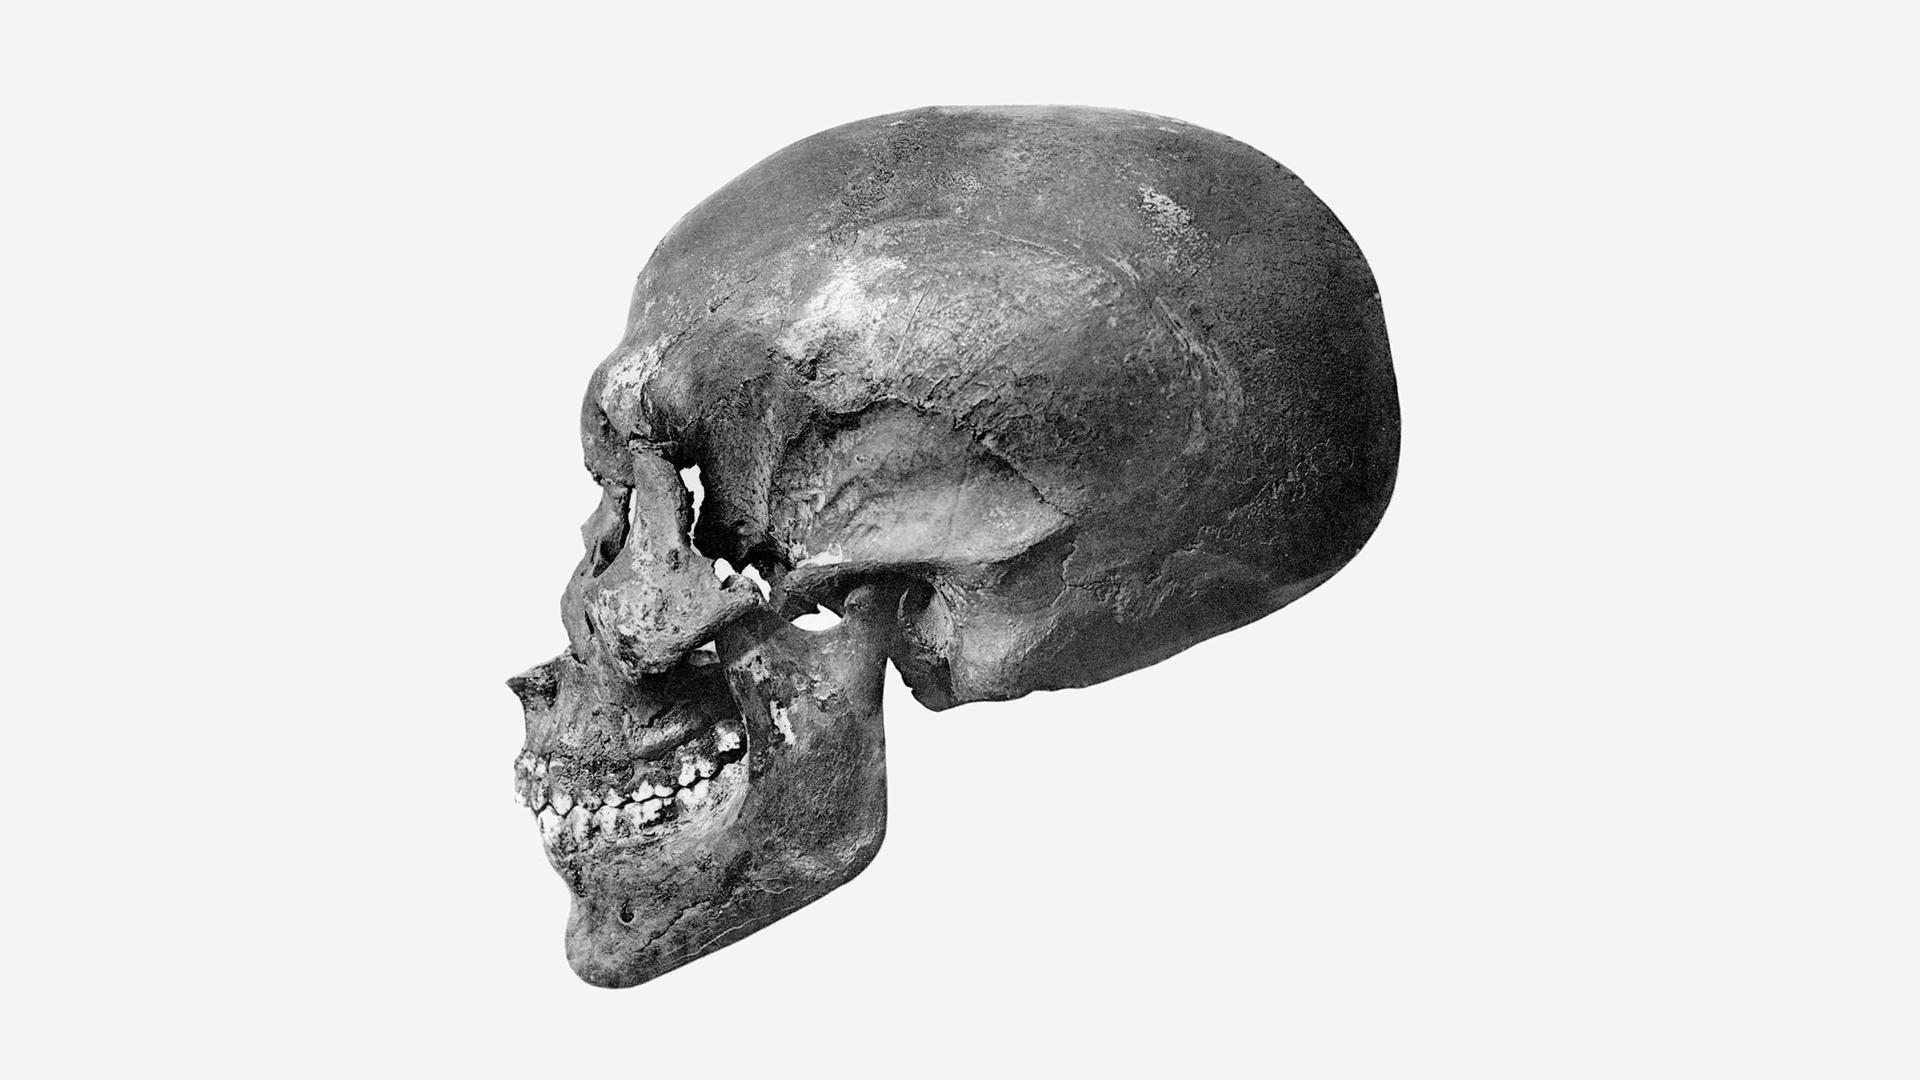 Lorsque les archéologues ont fouillé le KV 55 en 1907, la momie s'est effondrée en poussière.  Aujourd'hui, seuls les os restent.